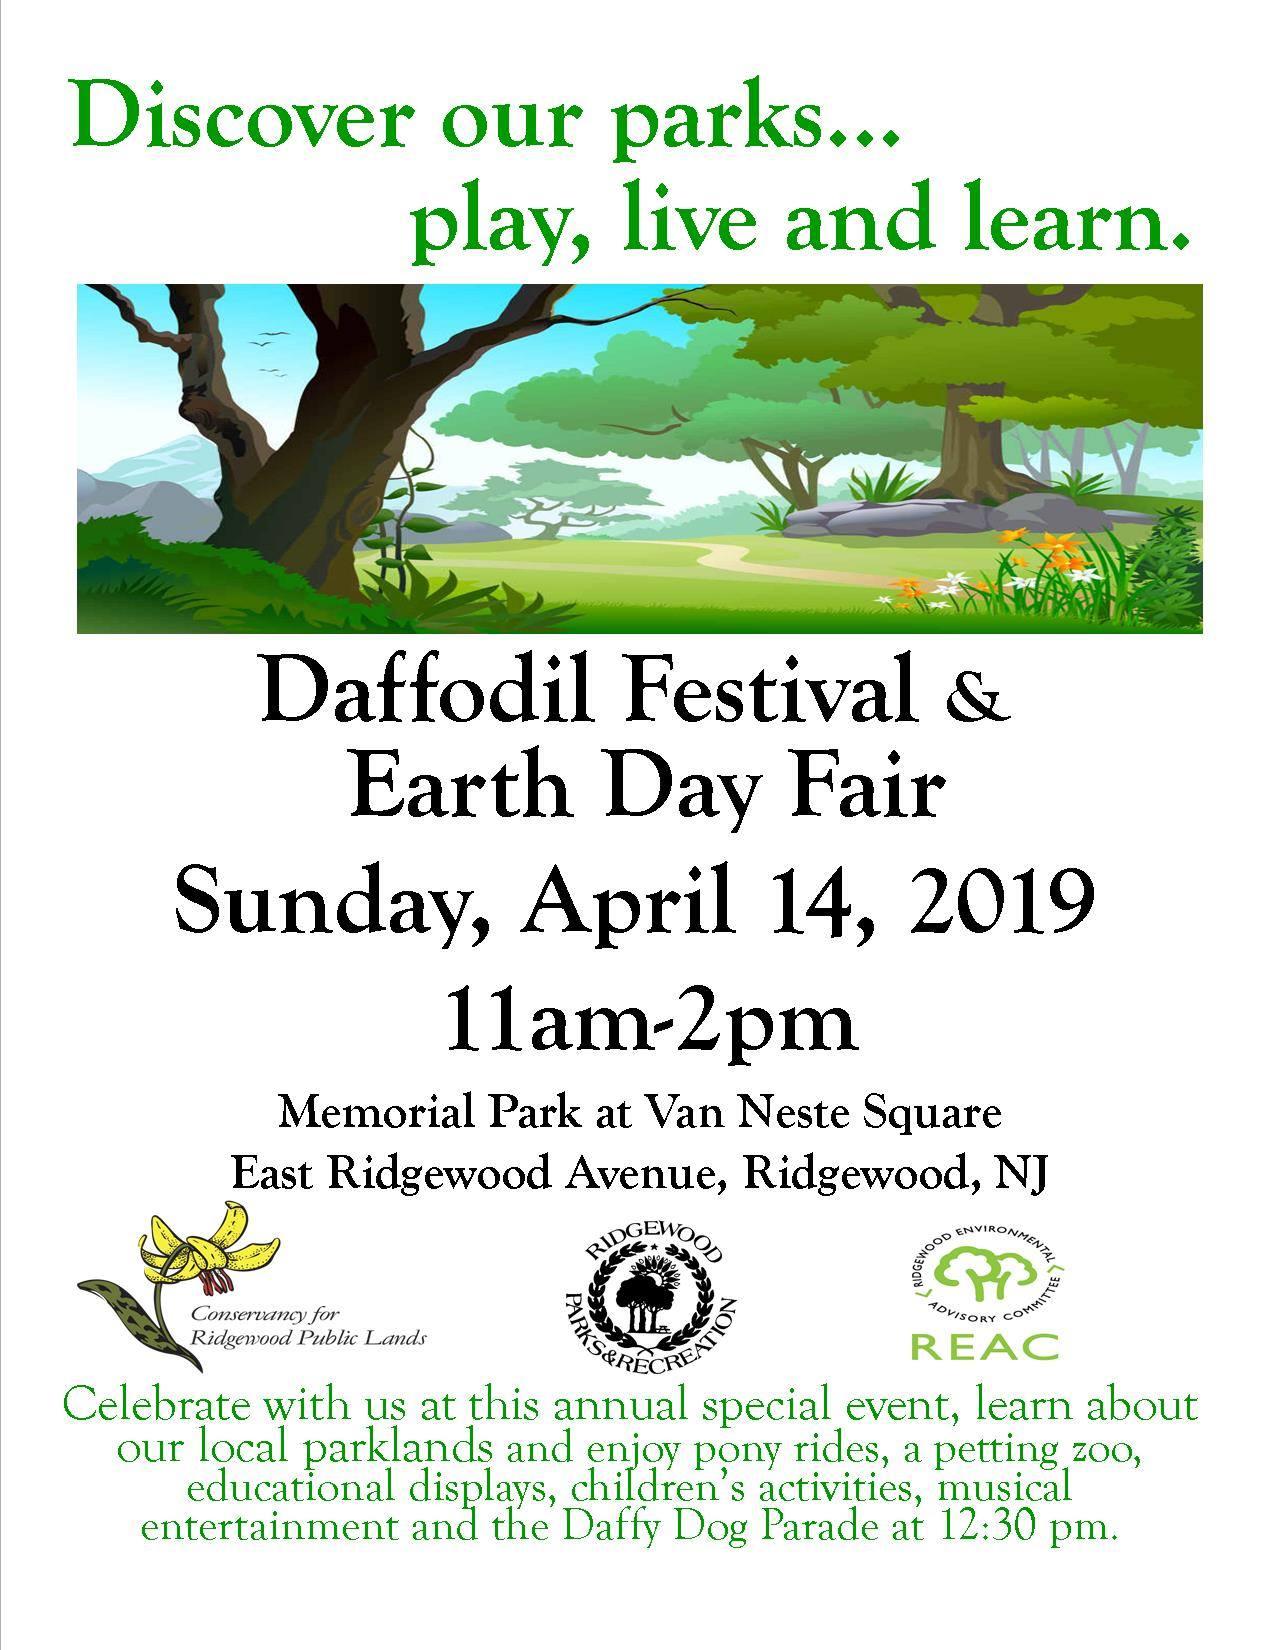 Ridgewood Daffodil Festival and Earth Day Fair